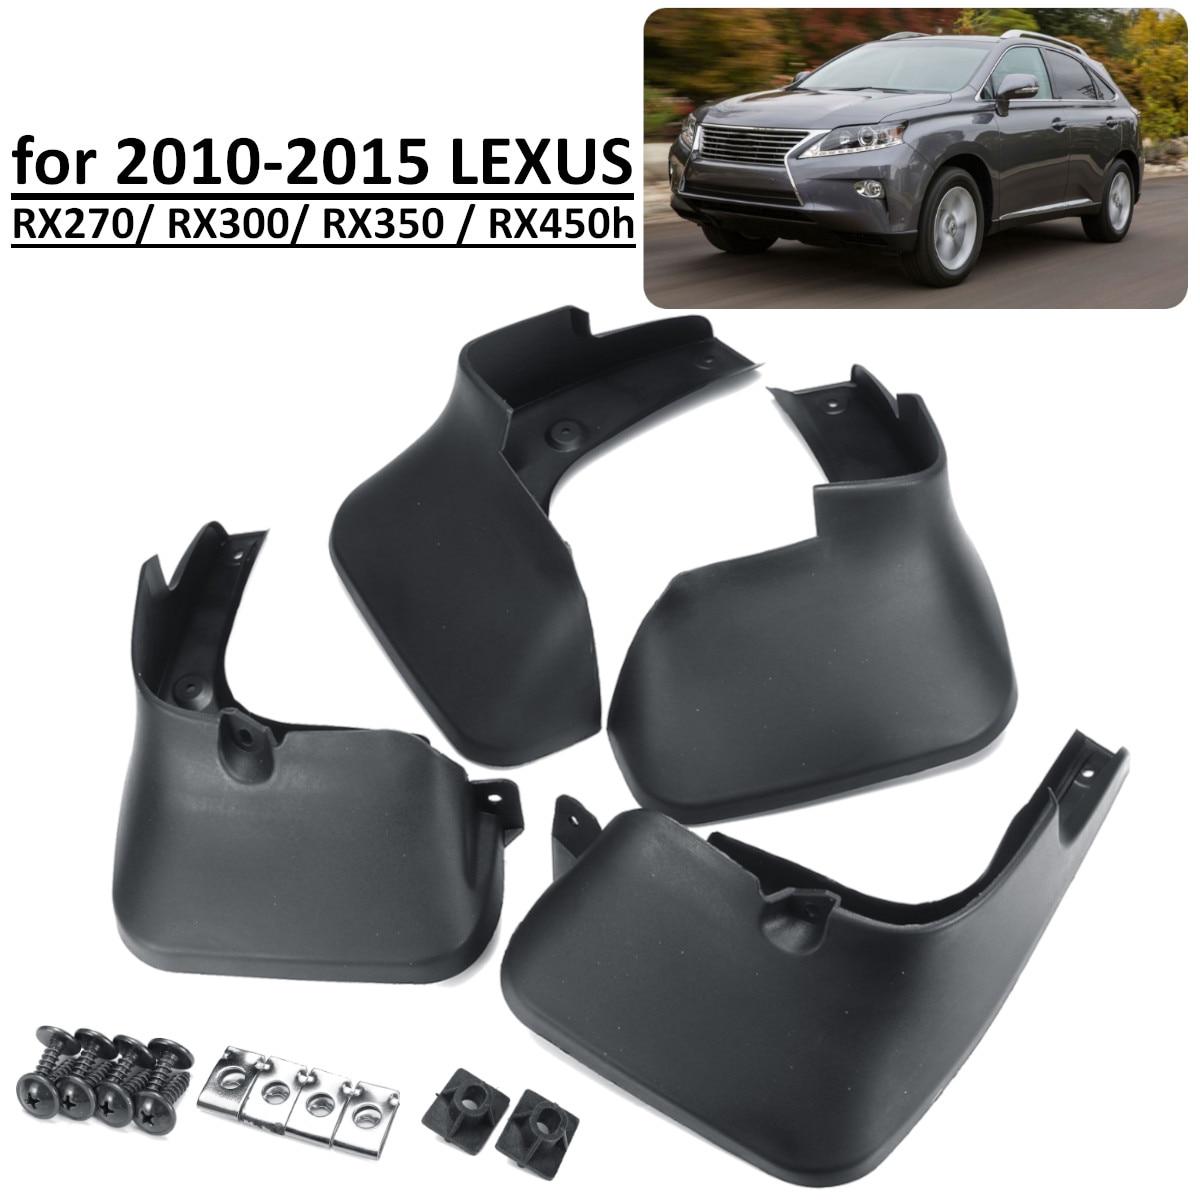 Garde-boue de voiture pour LEXUS RX RX270 RX300 RX350 RX450H 2010-2015 garde-boue garde-boue accessoires